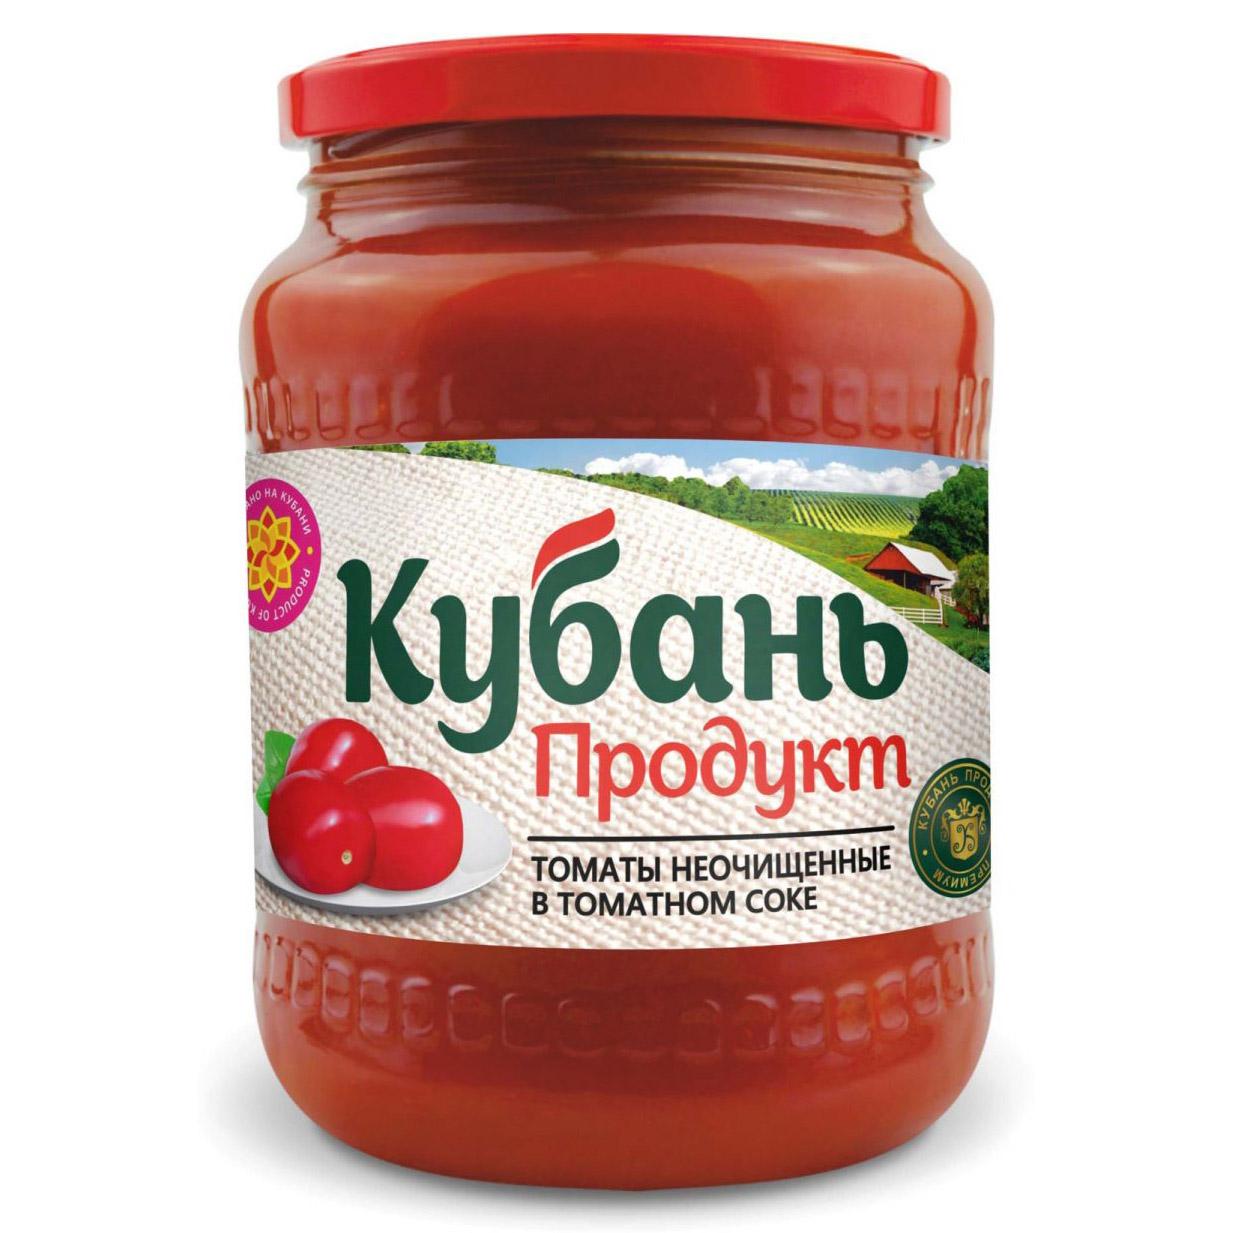 томаты очищенные резаные в томатном соке bioitalia 400 г Томаты неочищенные Кубань Продукт в томатном соке 680 г